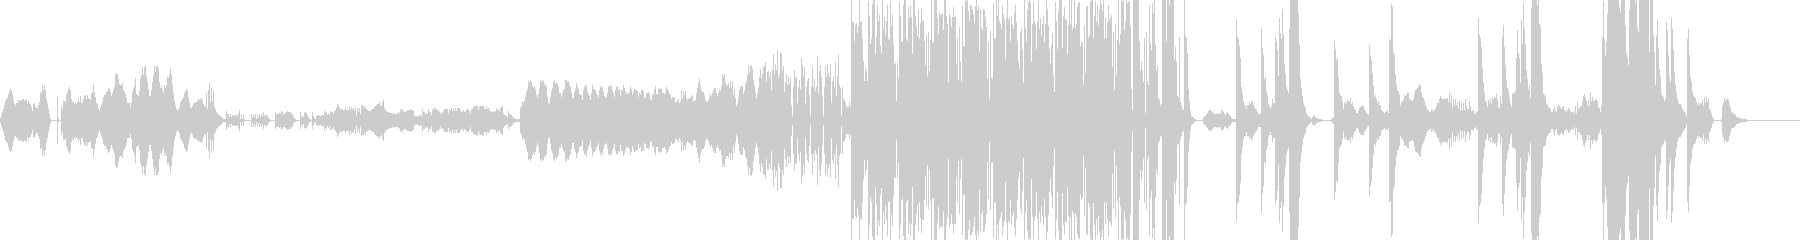 打楽器を中心とした3曲のアンサンブルの未再生の波形